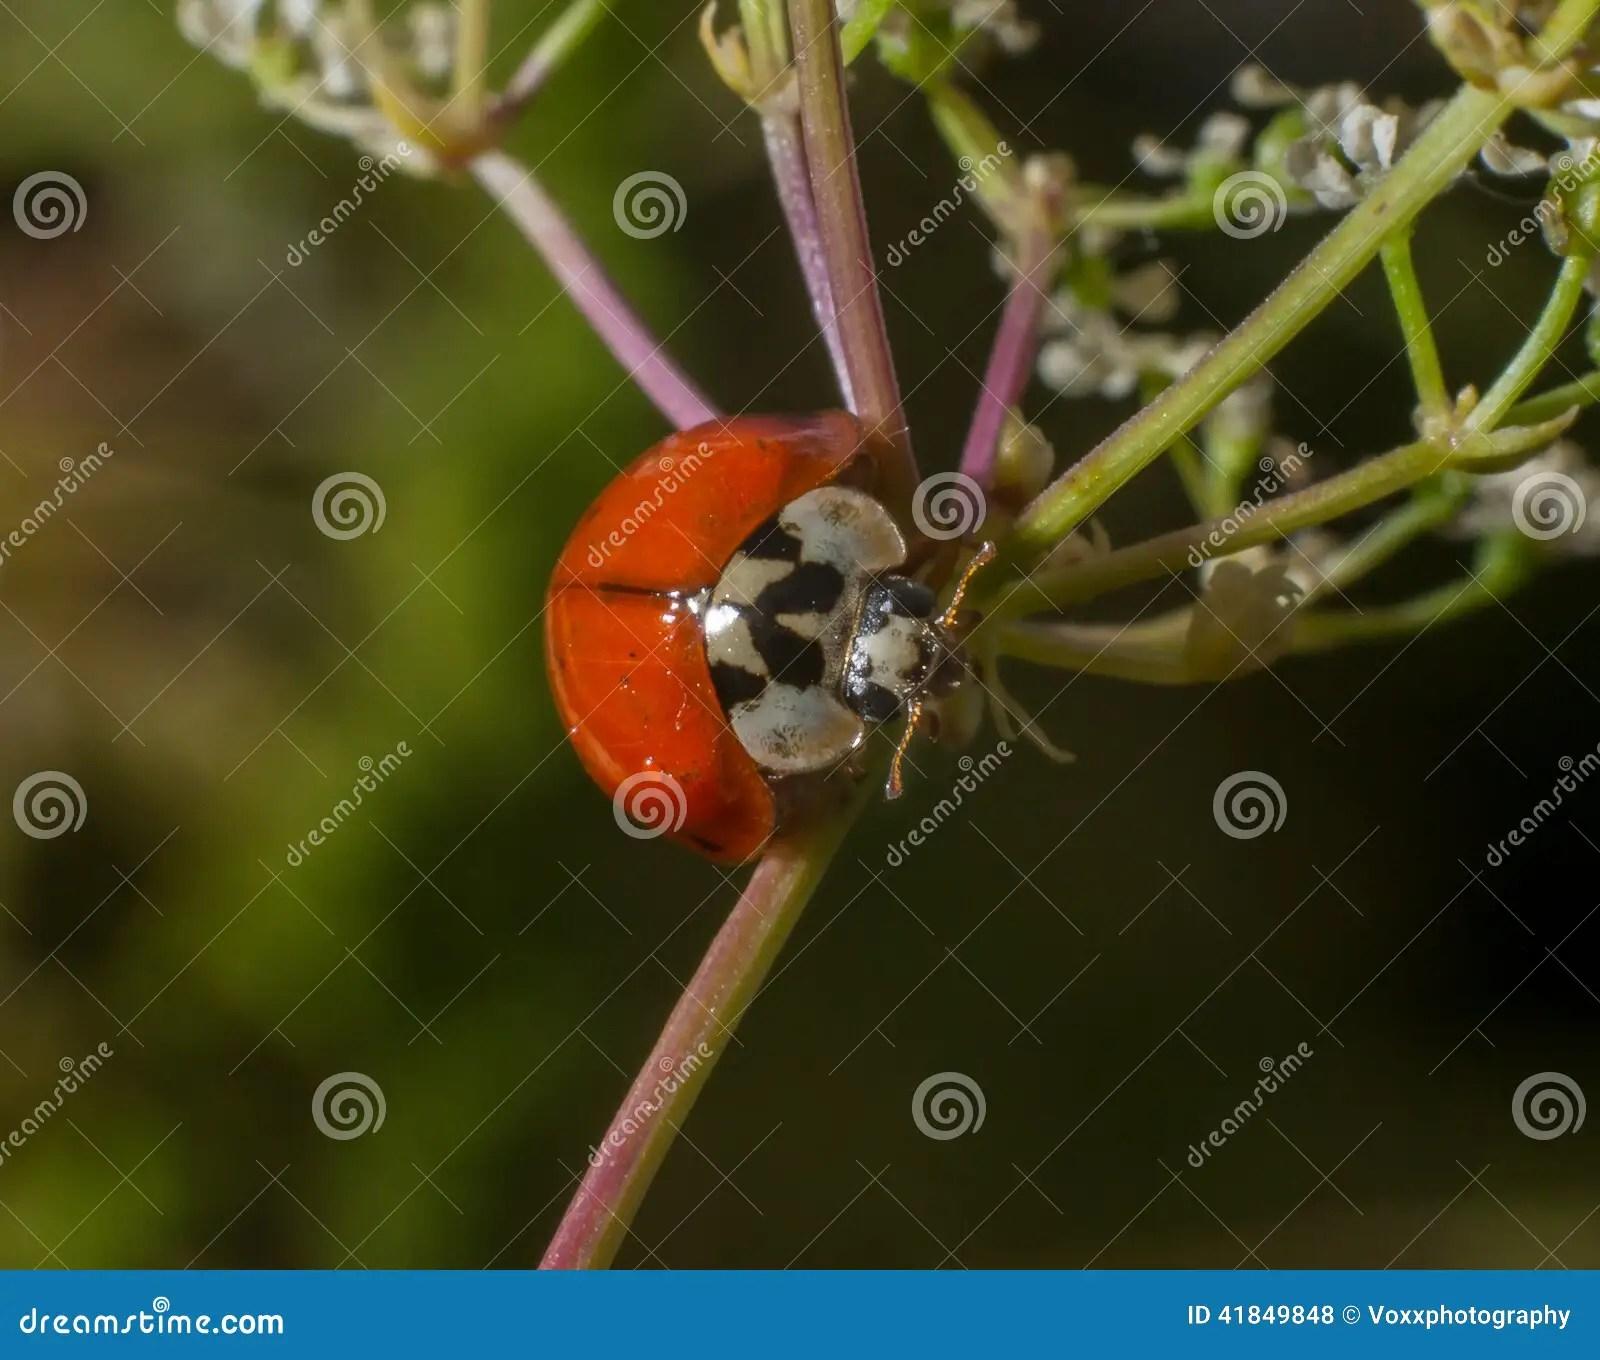 Ladybird Ladybug Stock Photo Image Of Black Ladybird